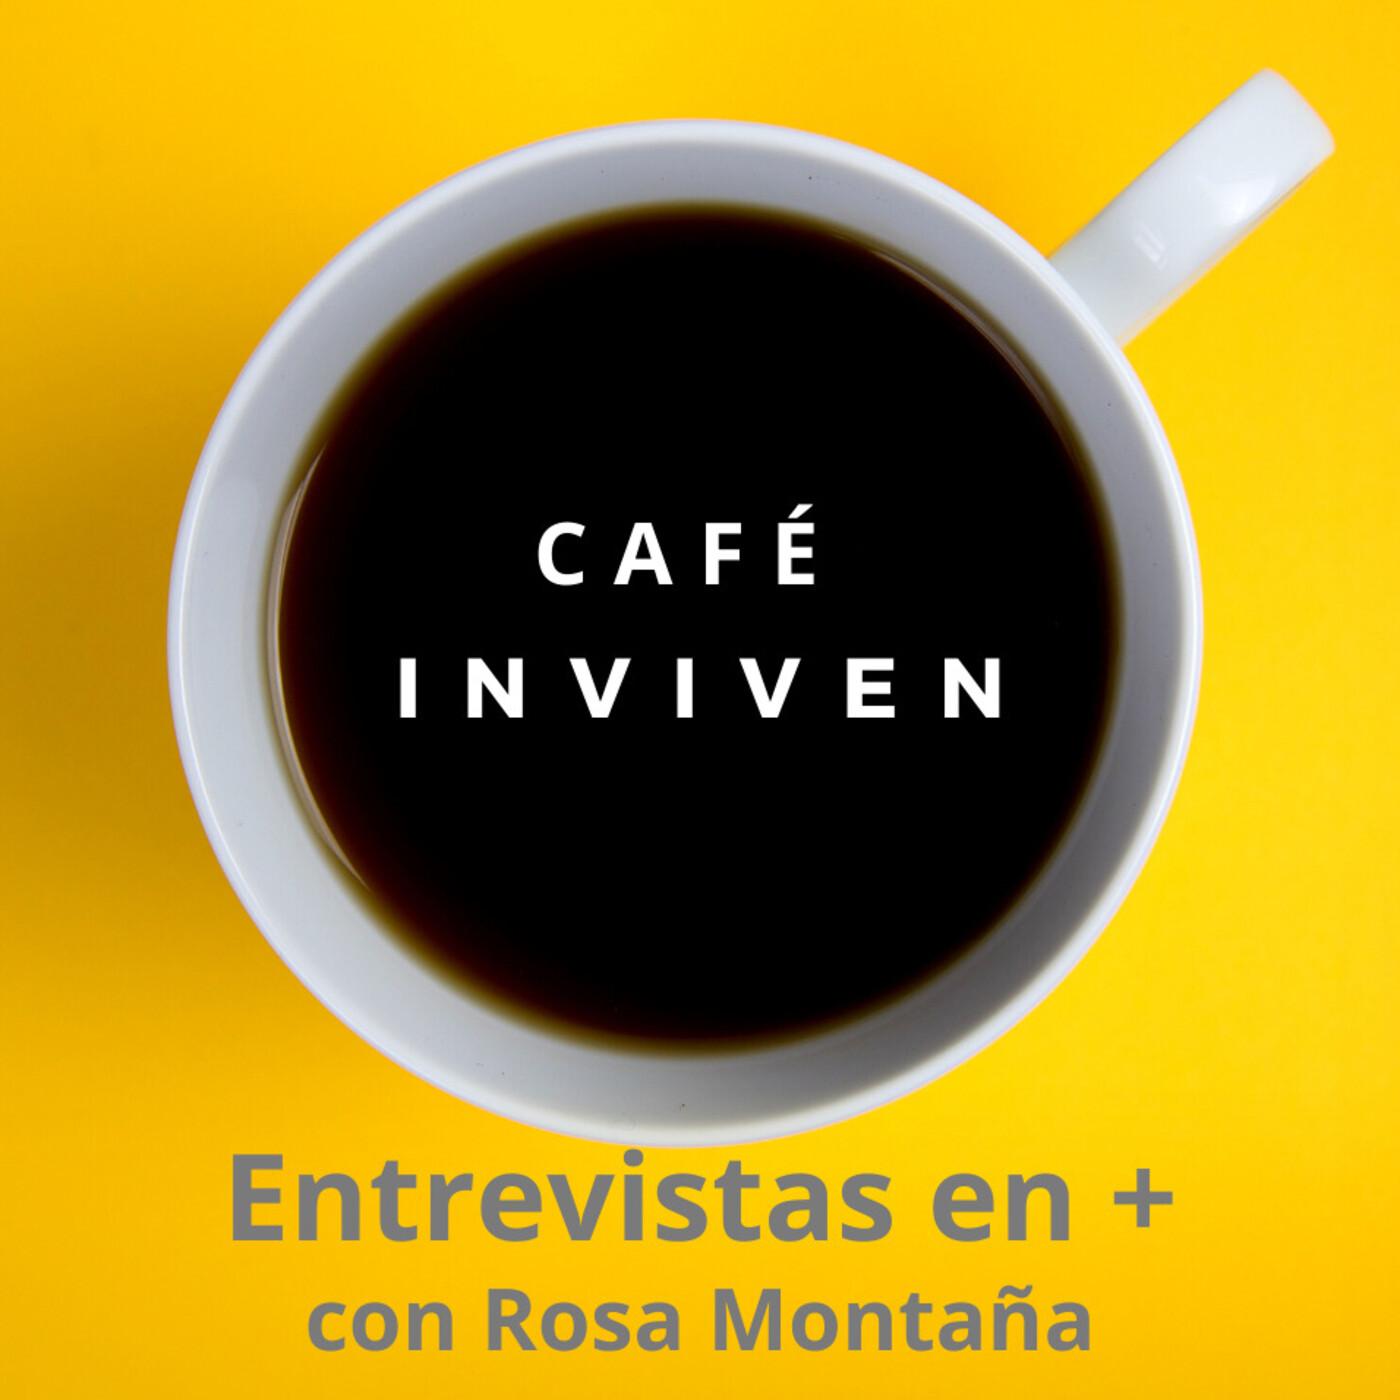 Café INVIVEN 055. Sergio Ayala y los pilares de los mediocres